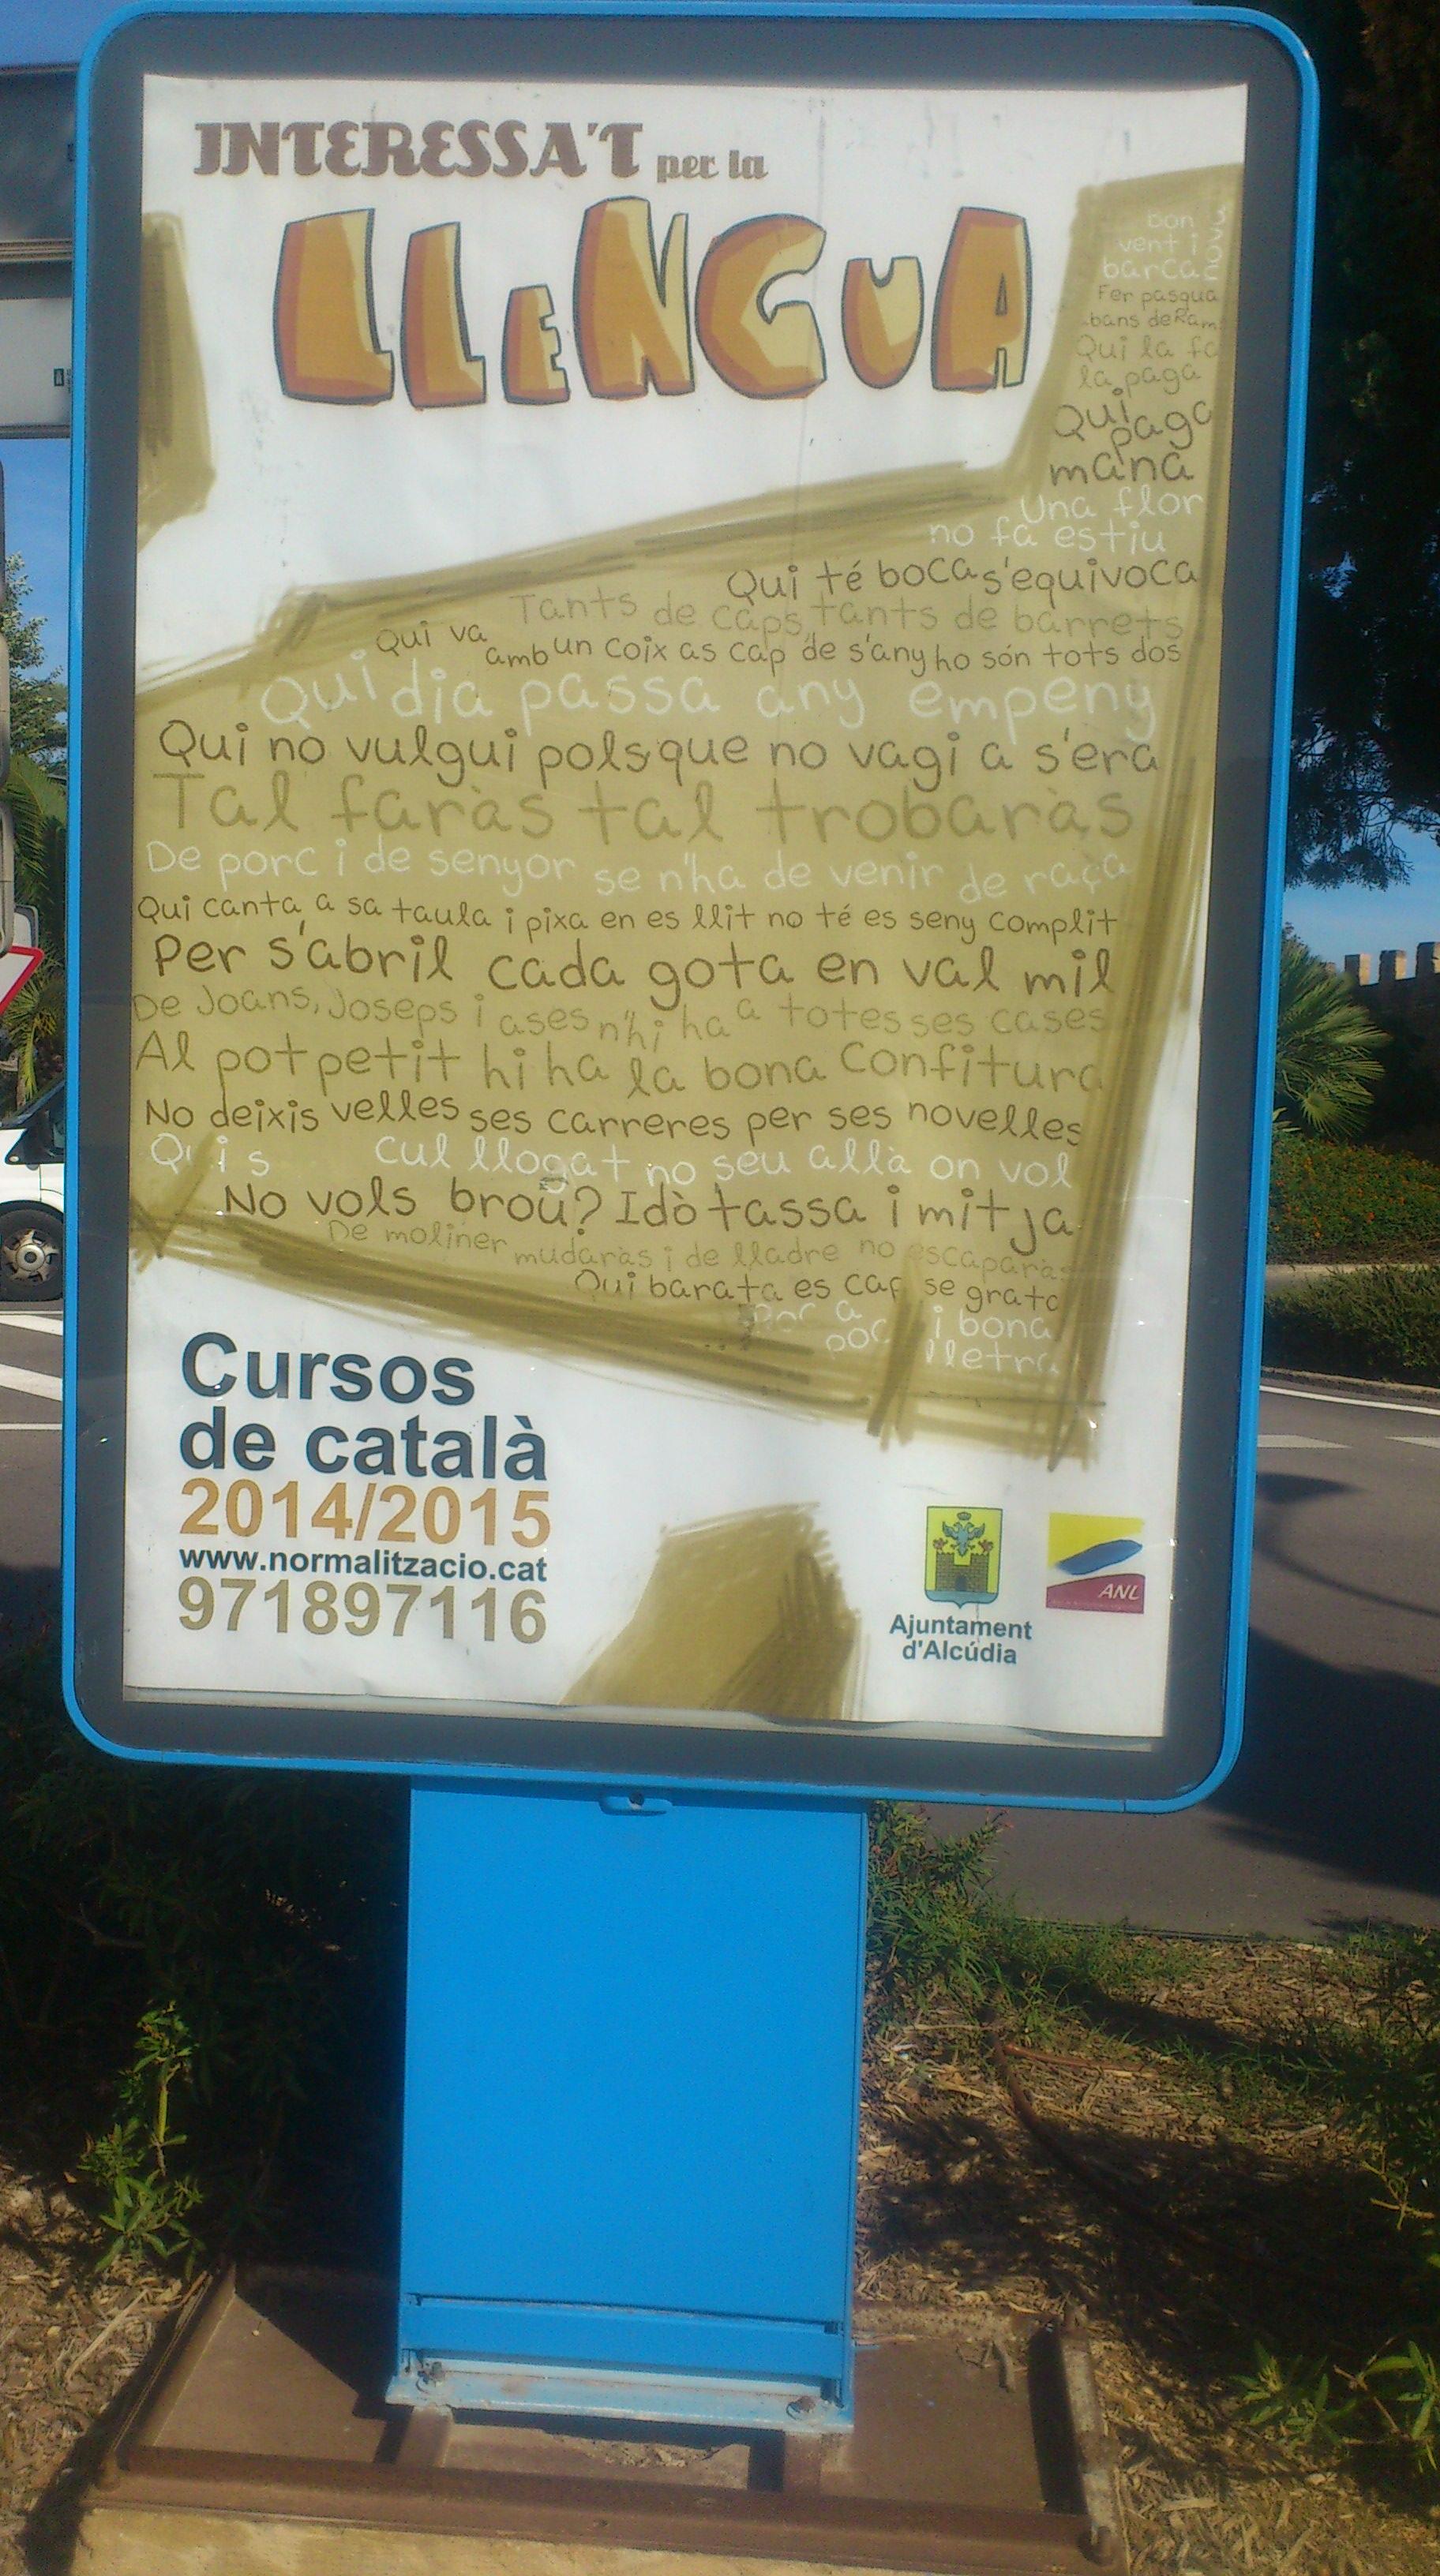 Opi del Cursos de Catal� 2014-2015